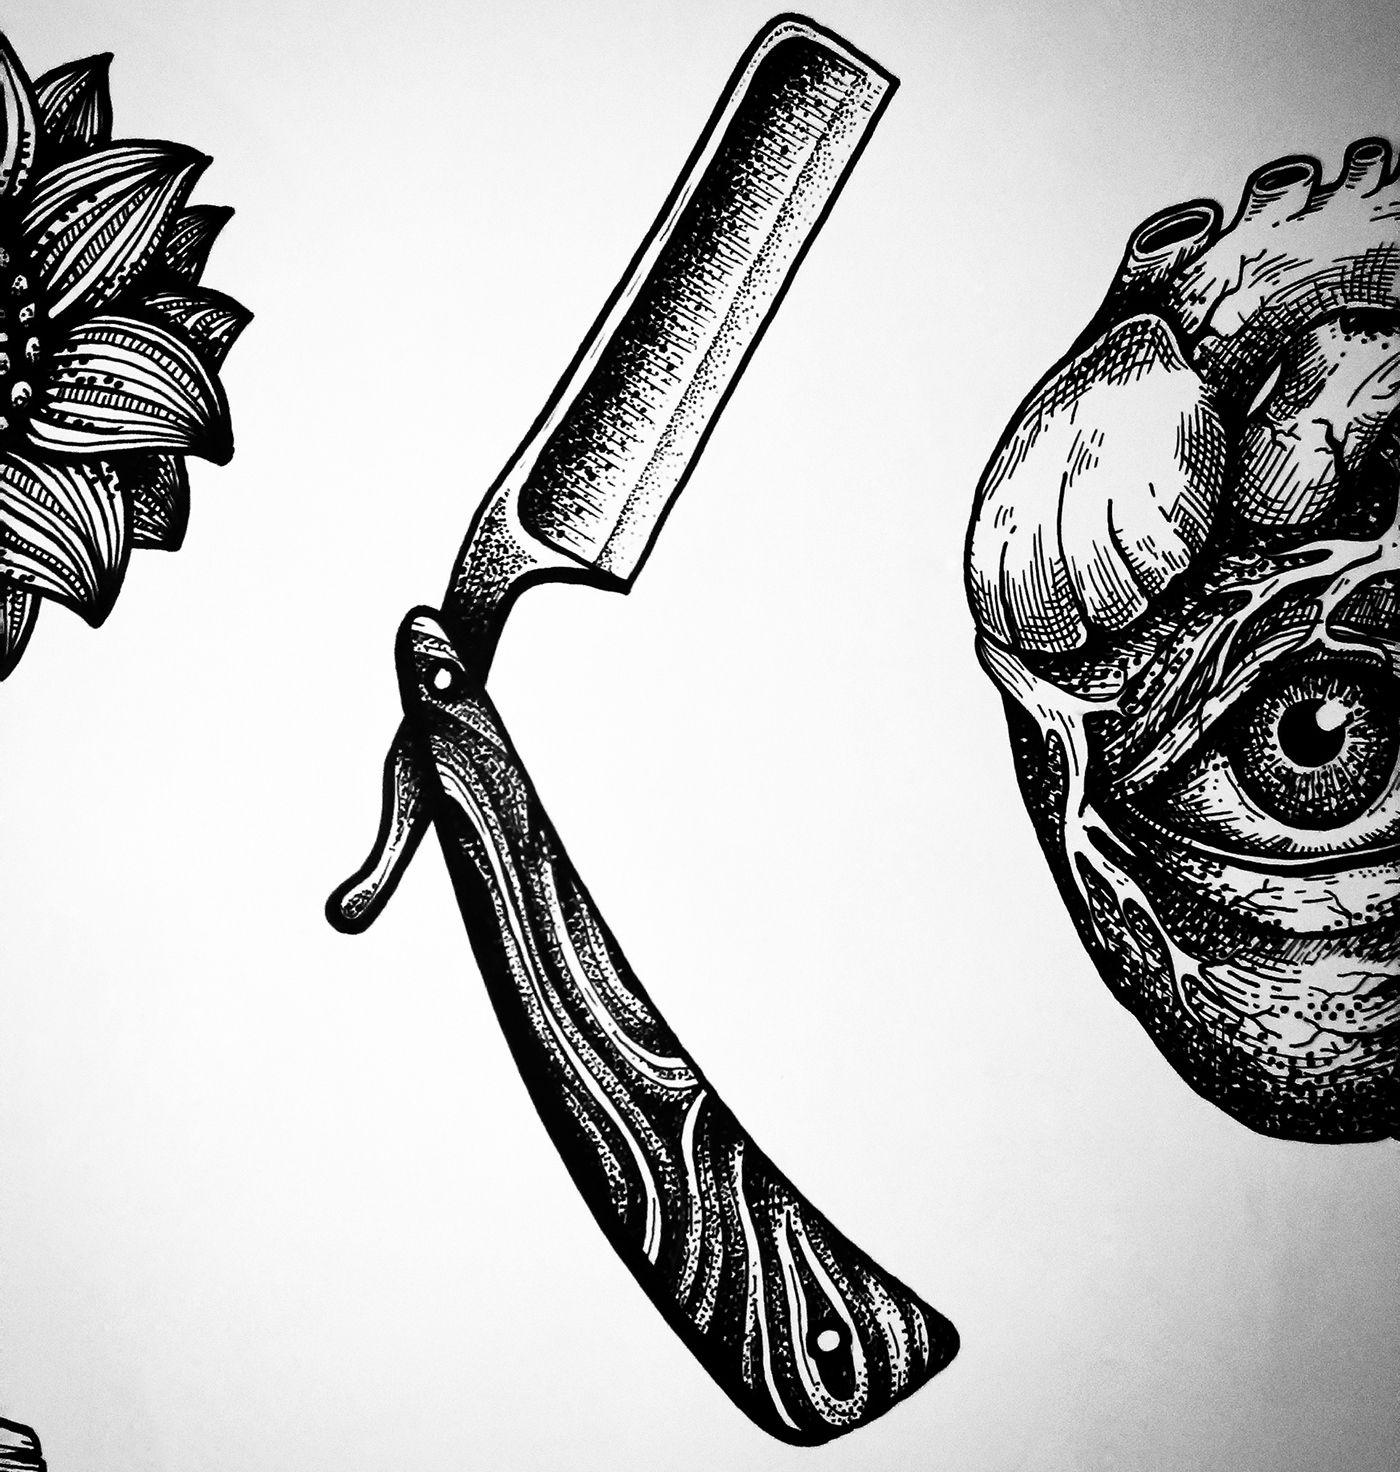 Ilustracion realizada por Diego Jimenez, Diye Eye tattoo